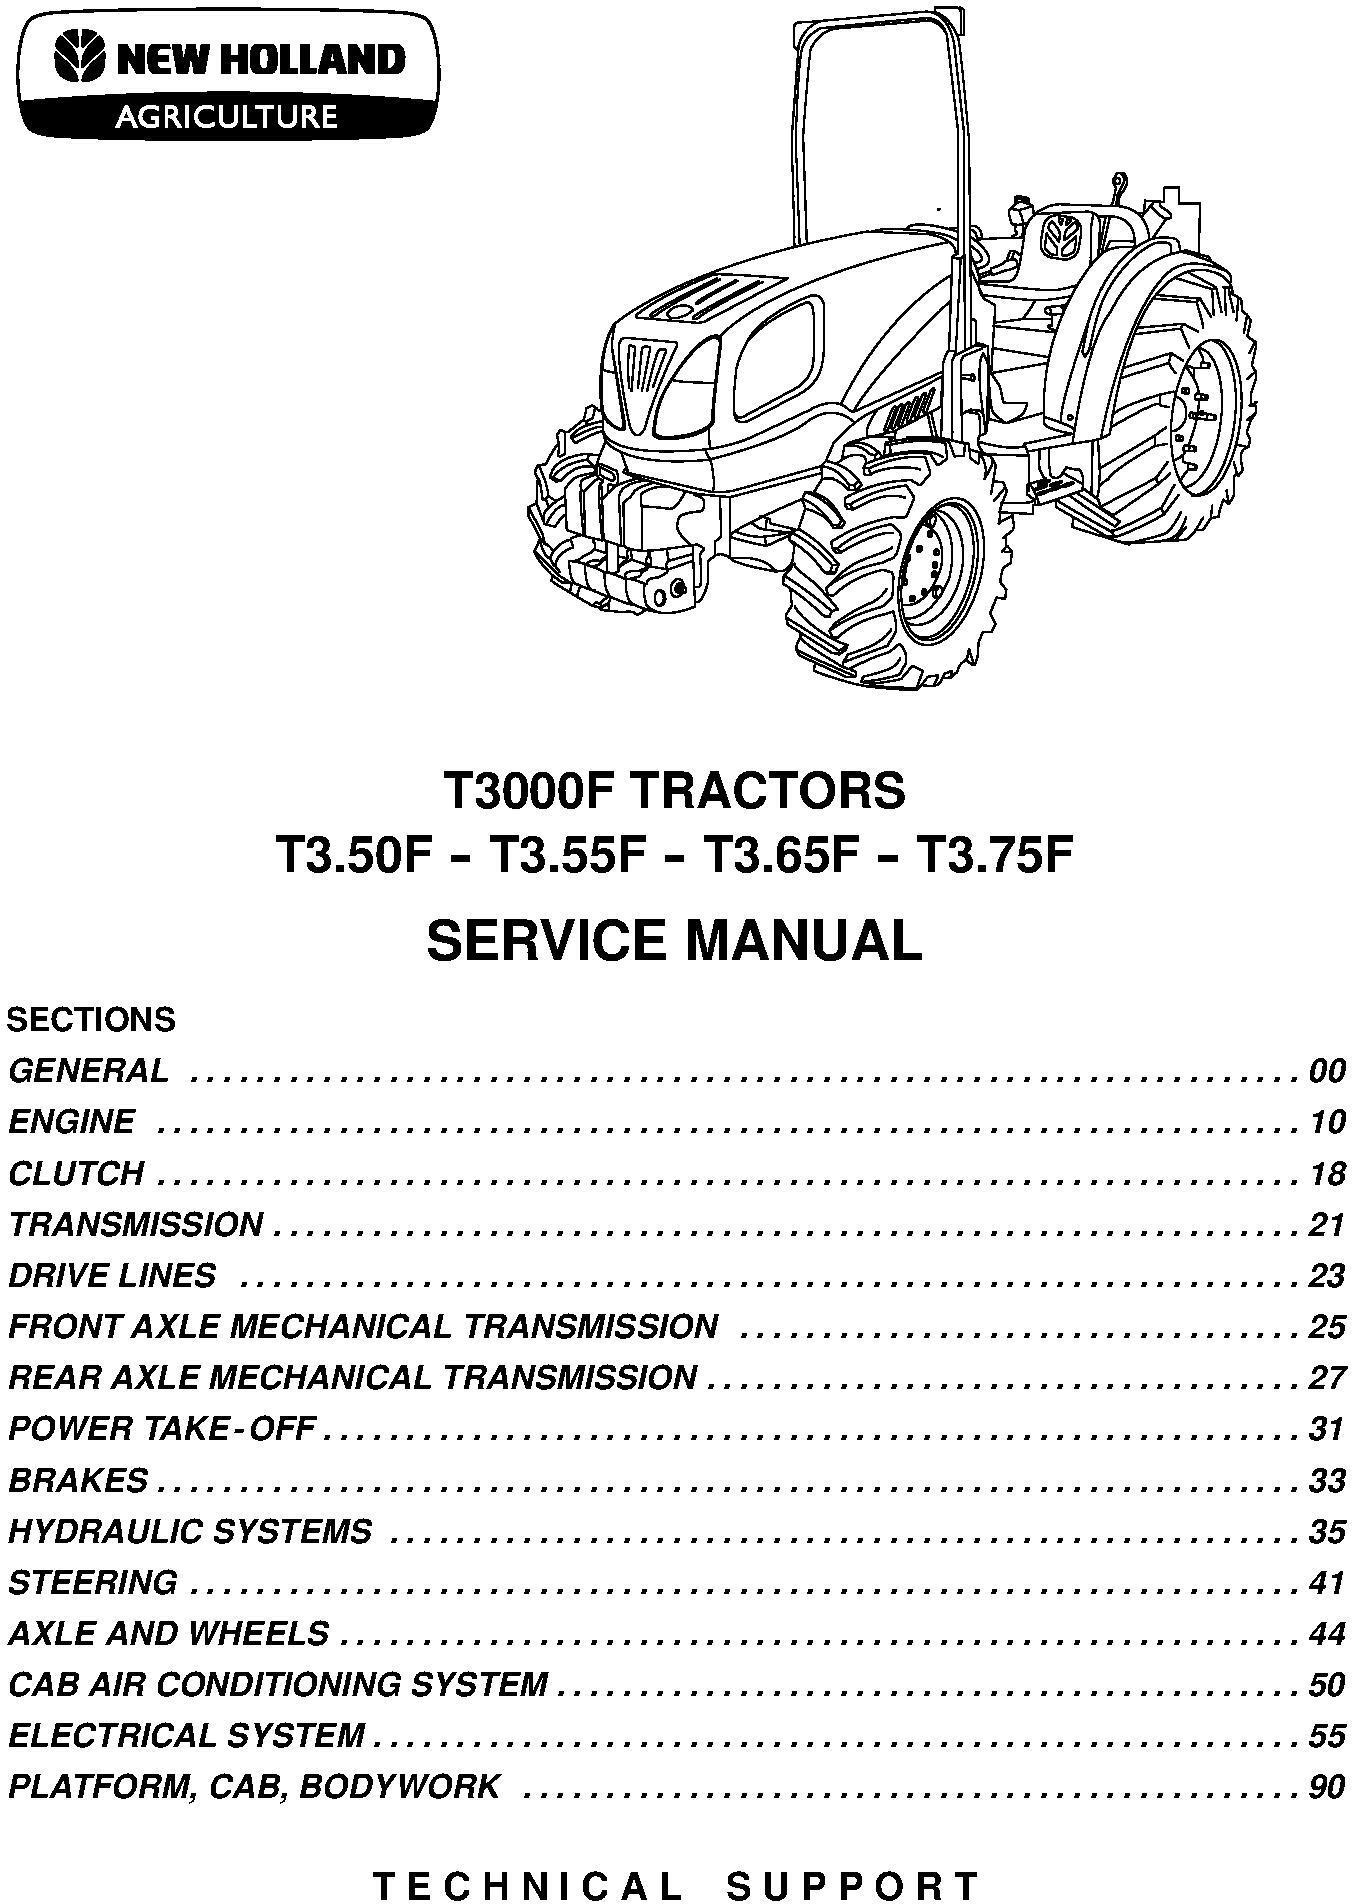 New Holland T3.50F, T3.55F, T3.66F, T3.75F Tractor Service Manual - 1